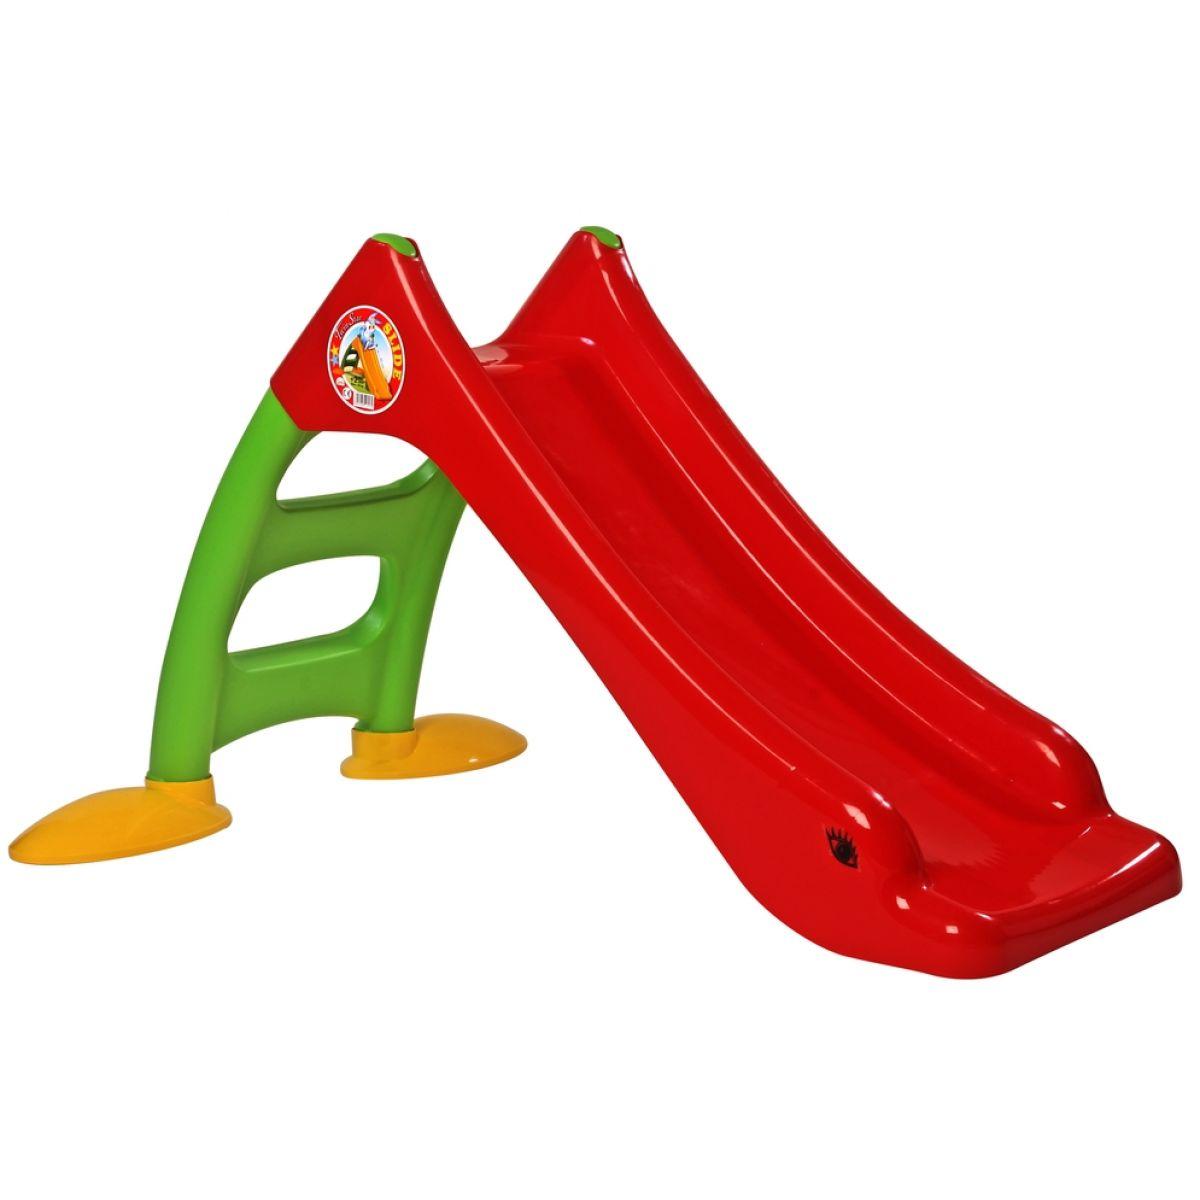 Skluzavka 130 cm - Červená